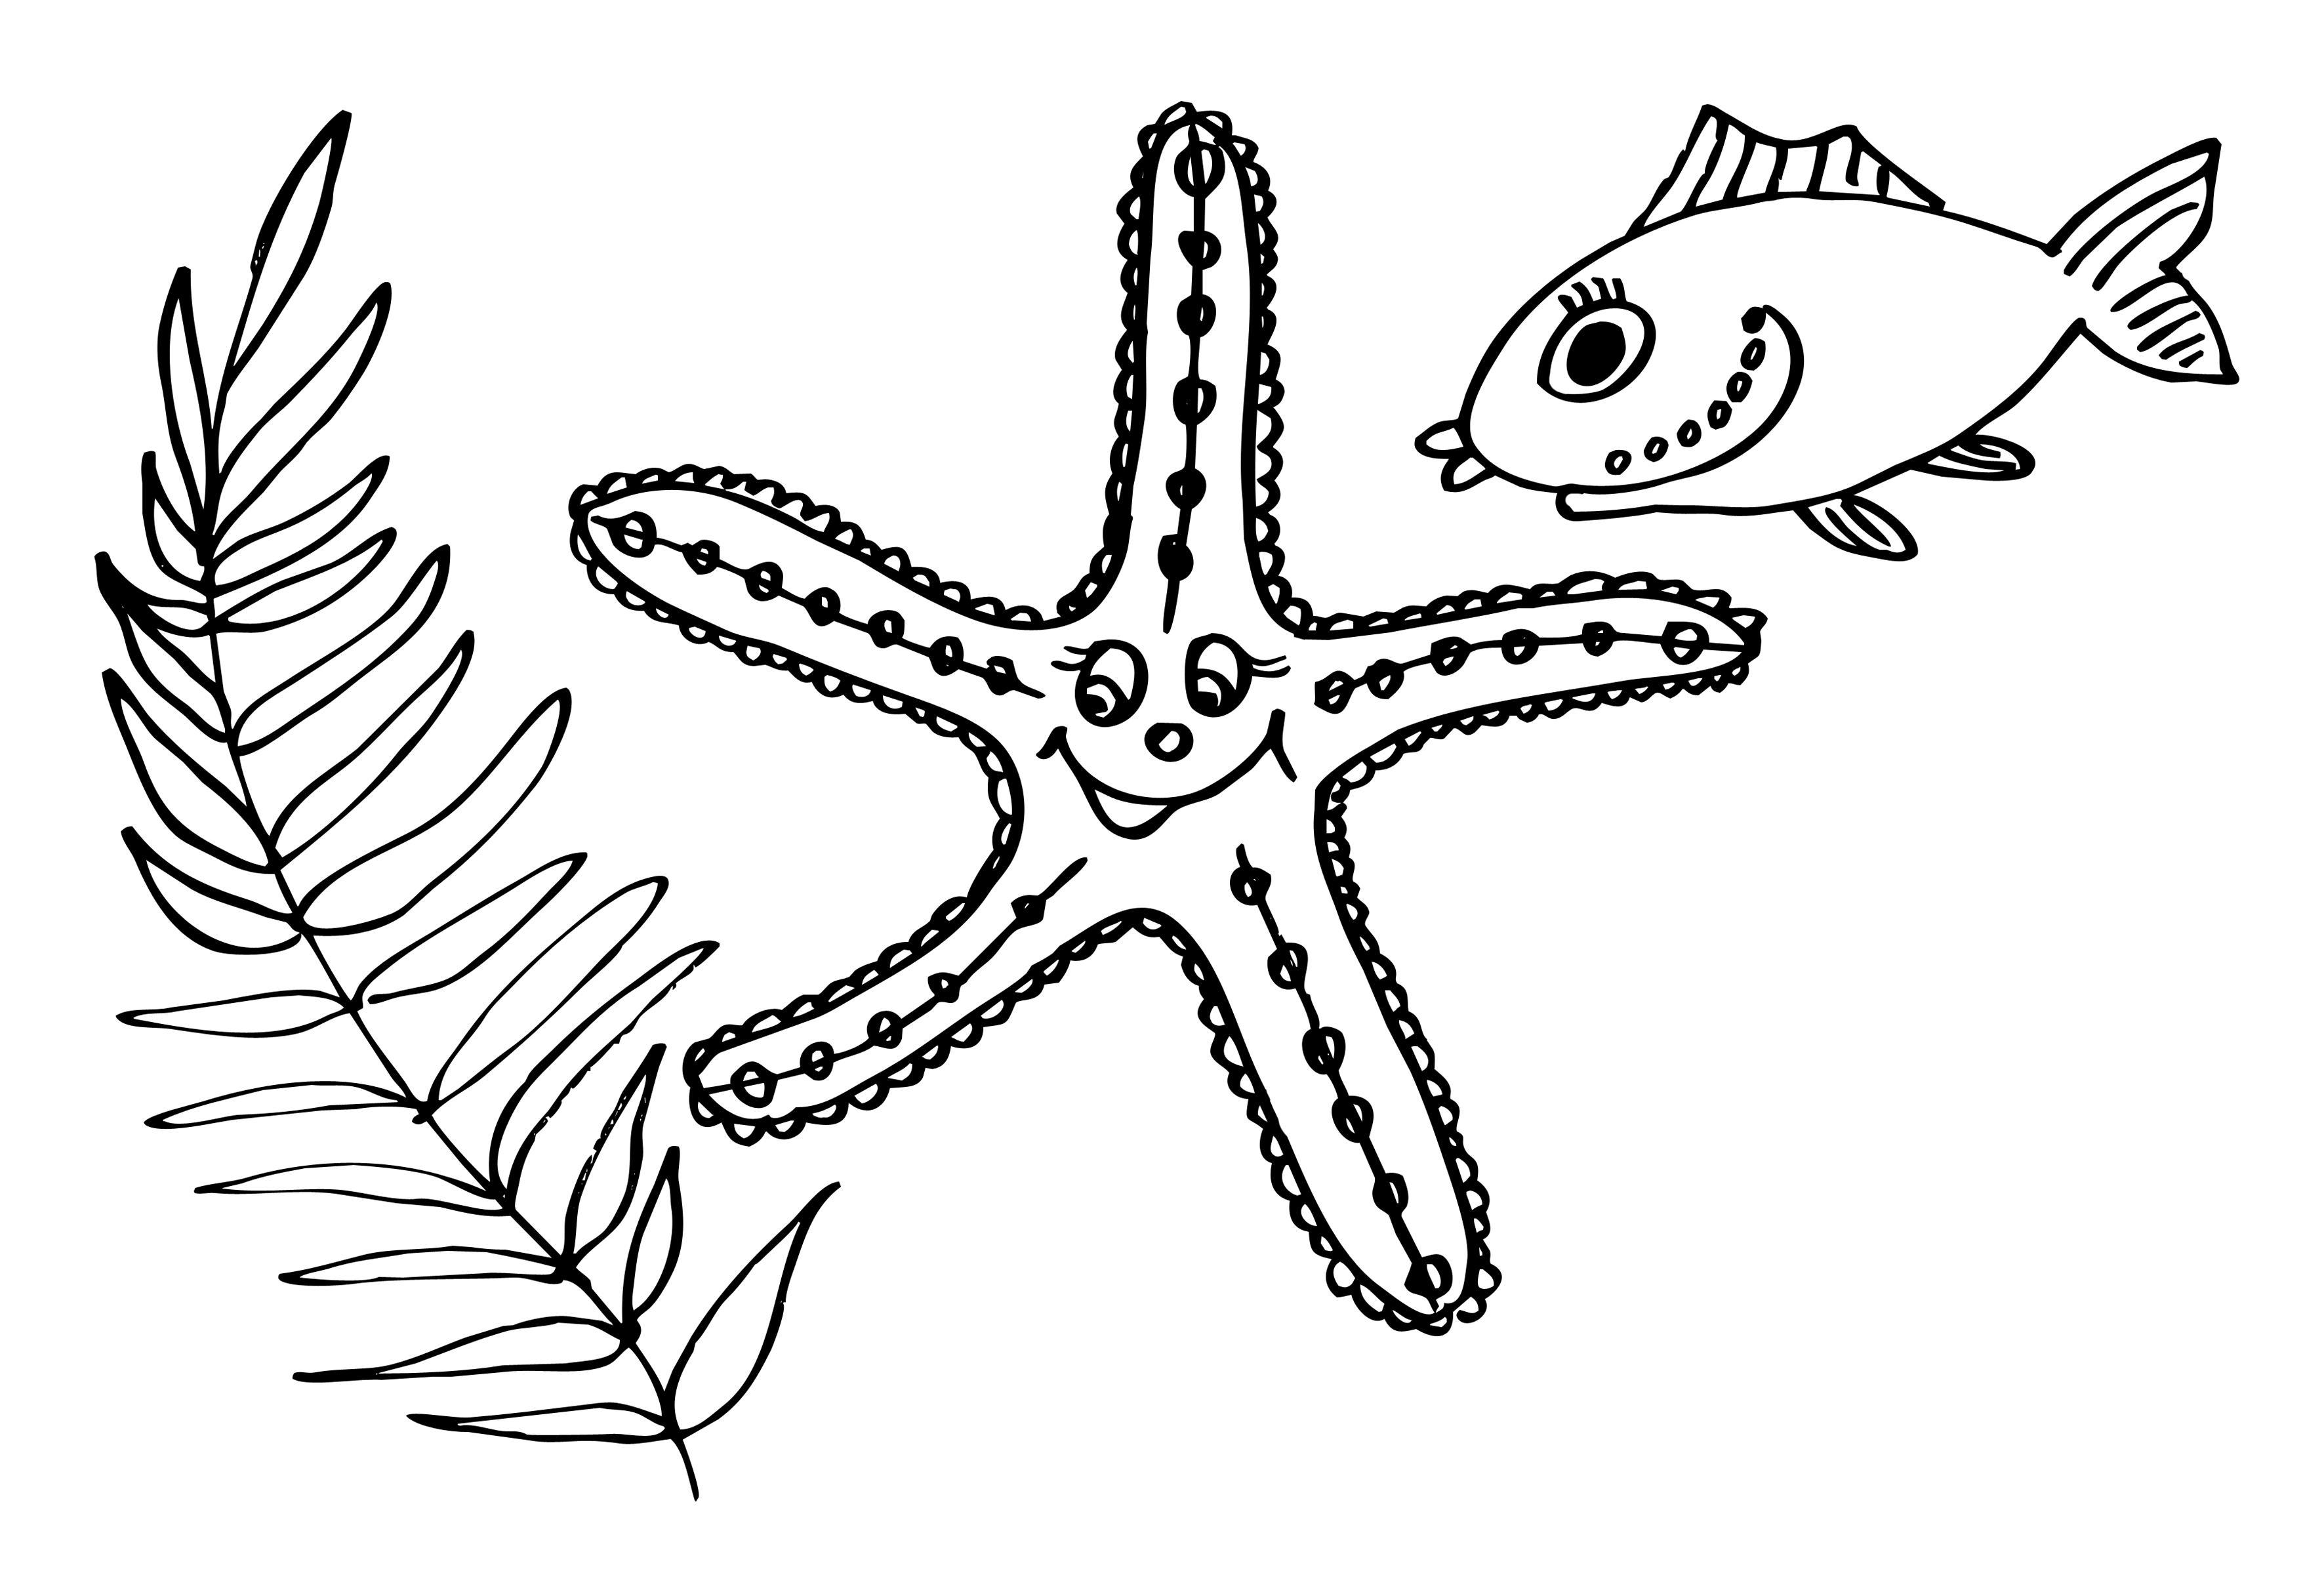 Раскраски подводный мир детская раскраска подводный мир,  морская звезда, рыбы, водоросли